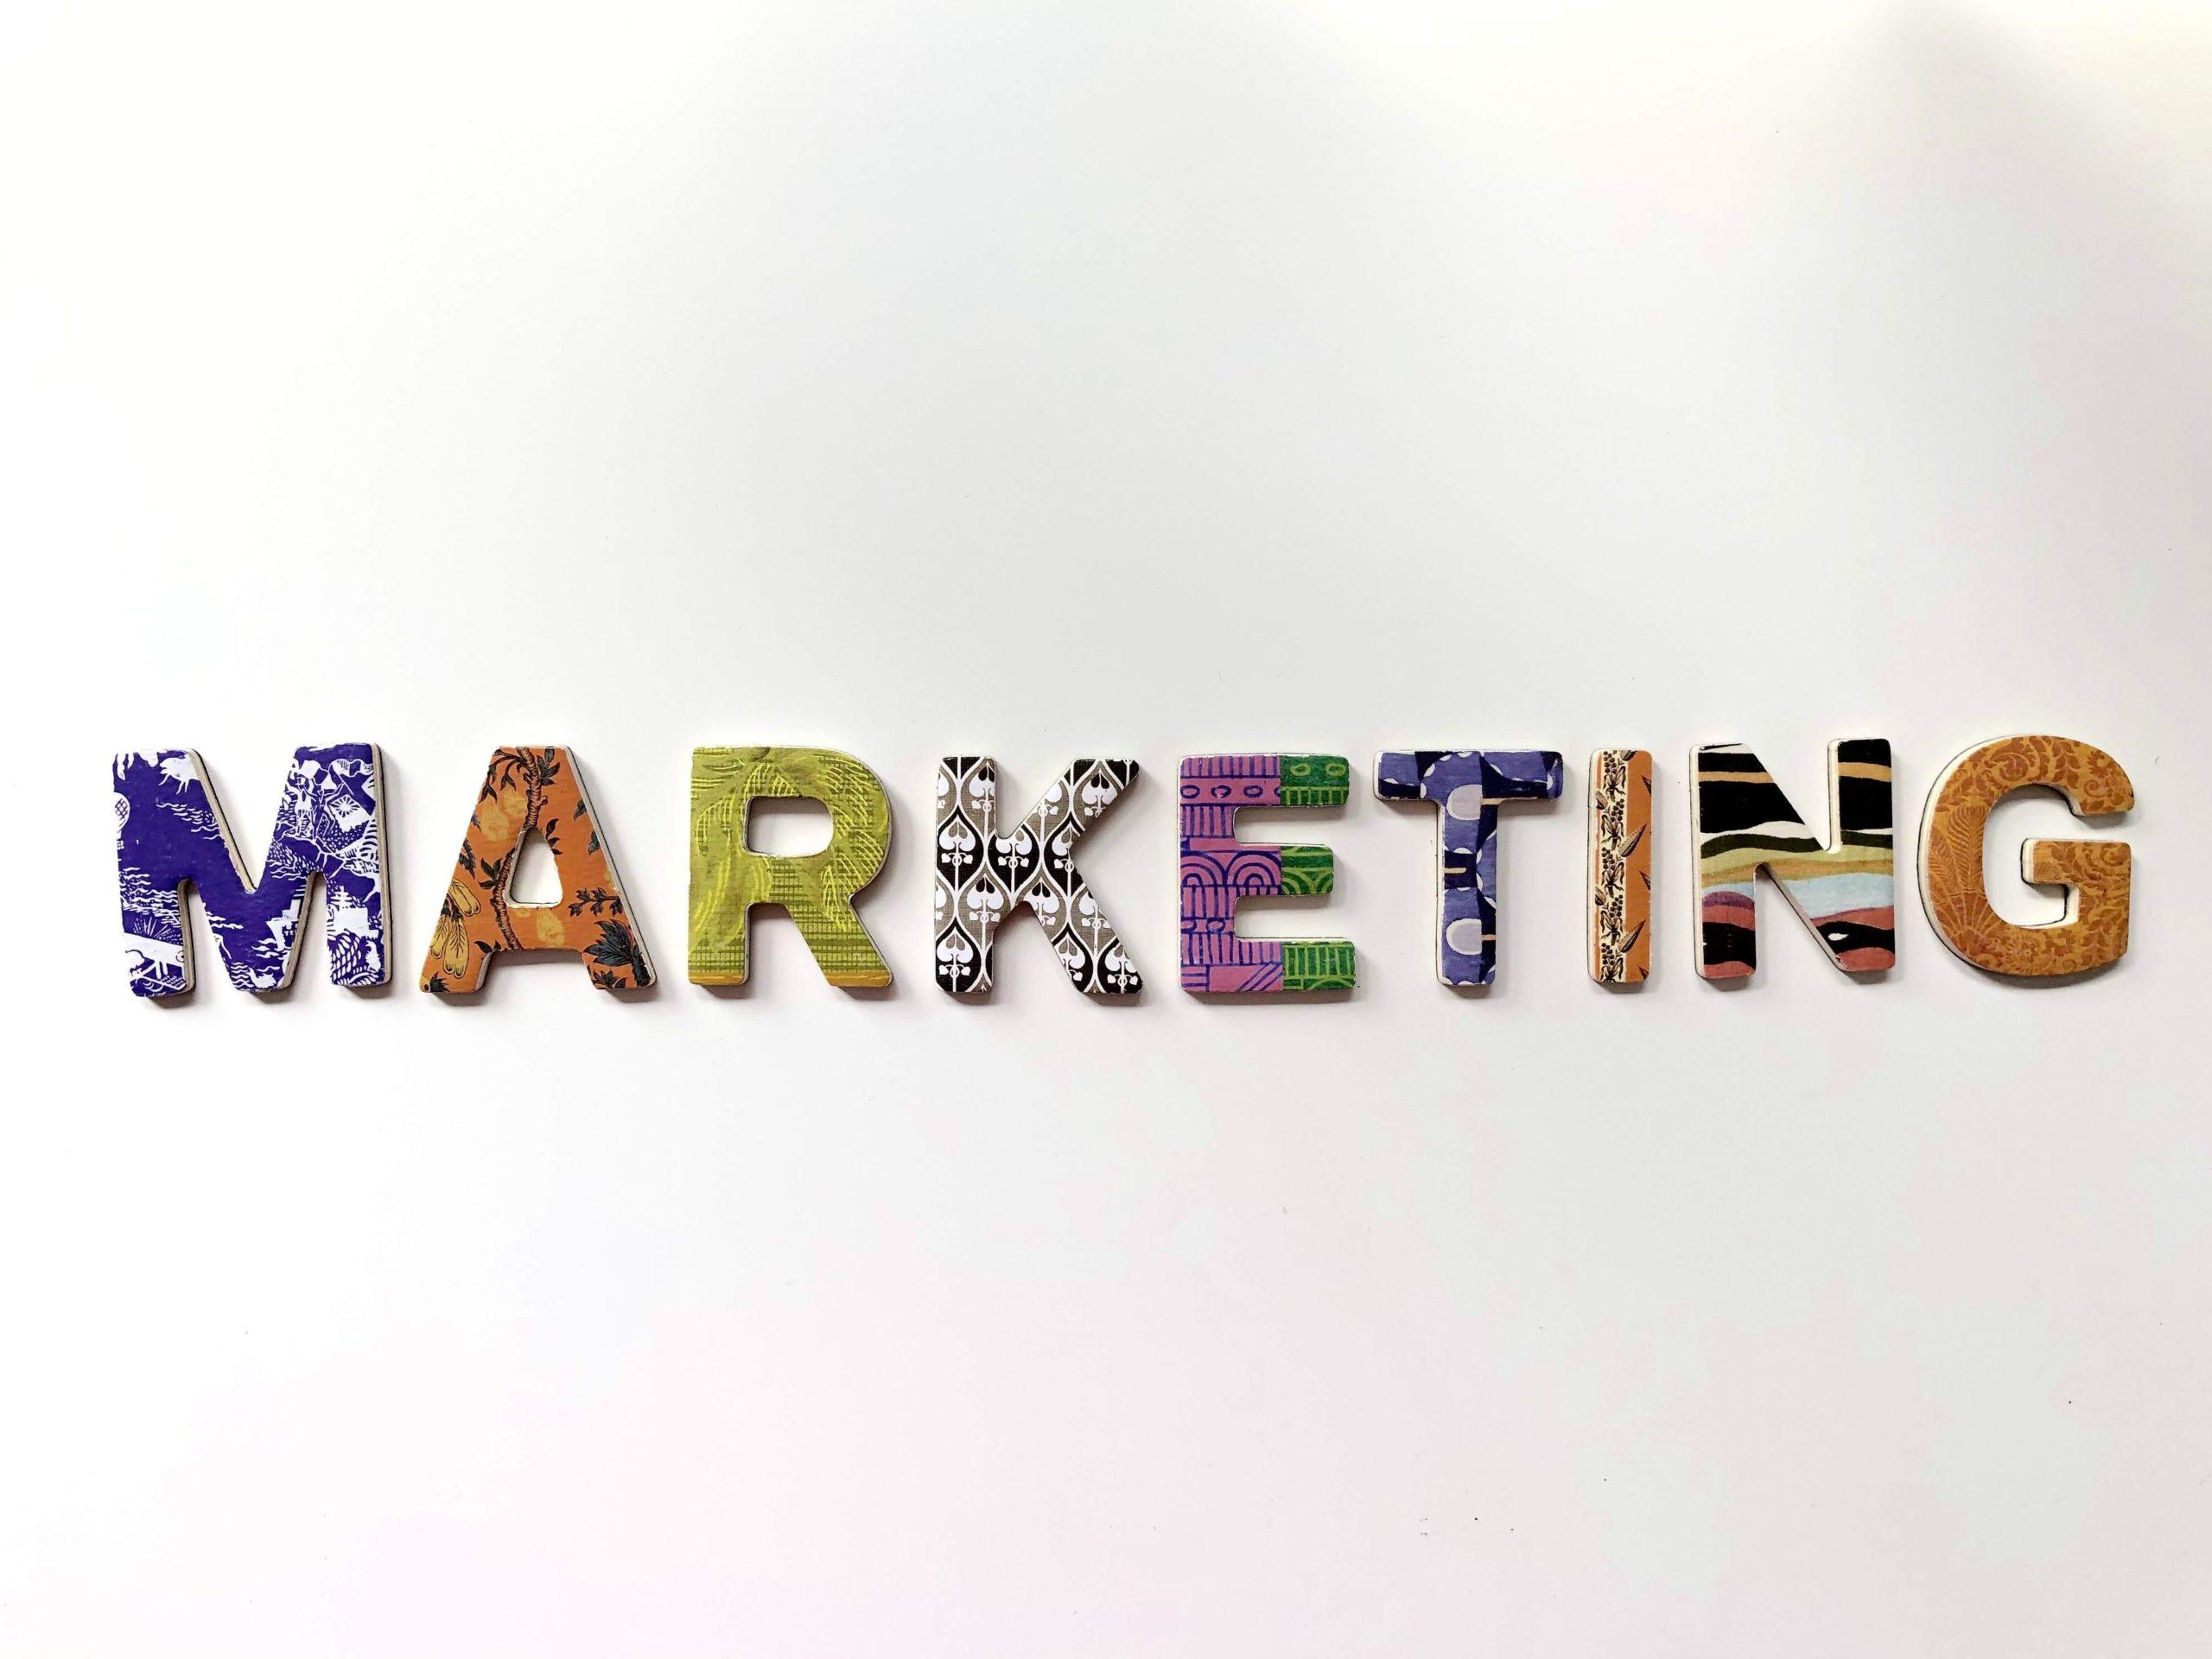 أفضل 9 دورات تدريبية لتعلم التسويق والمبيعات والعلامات التجاريةمن LinkedIn لعام[2021]